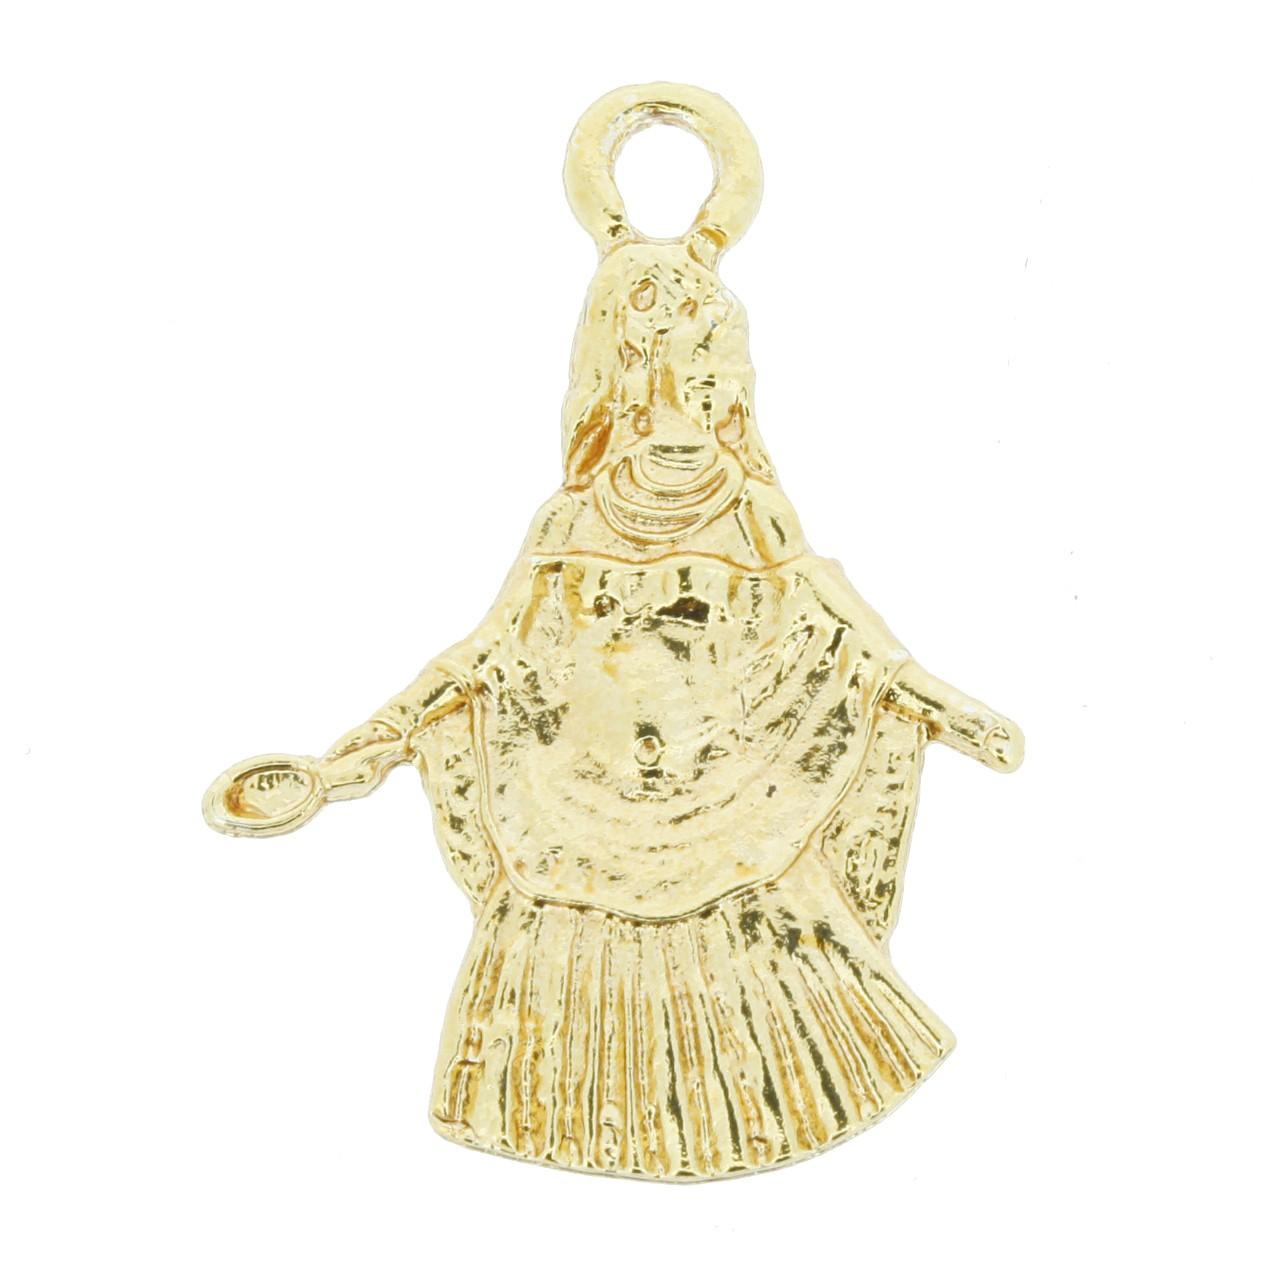 Oxum - Dourada - 34mm  - Stéphanie Bijoux® - Peças para Bijuterias e Artesanato